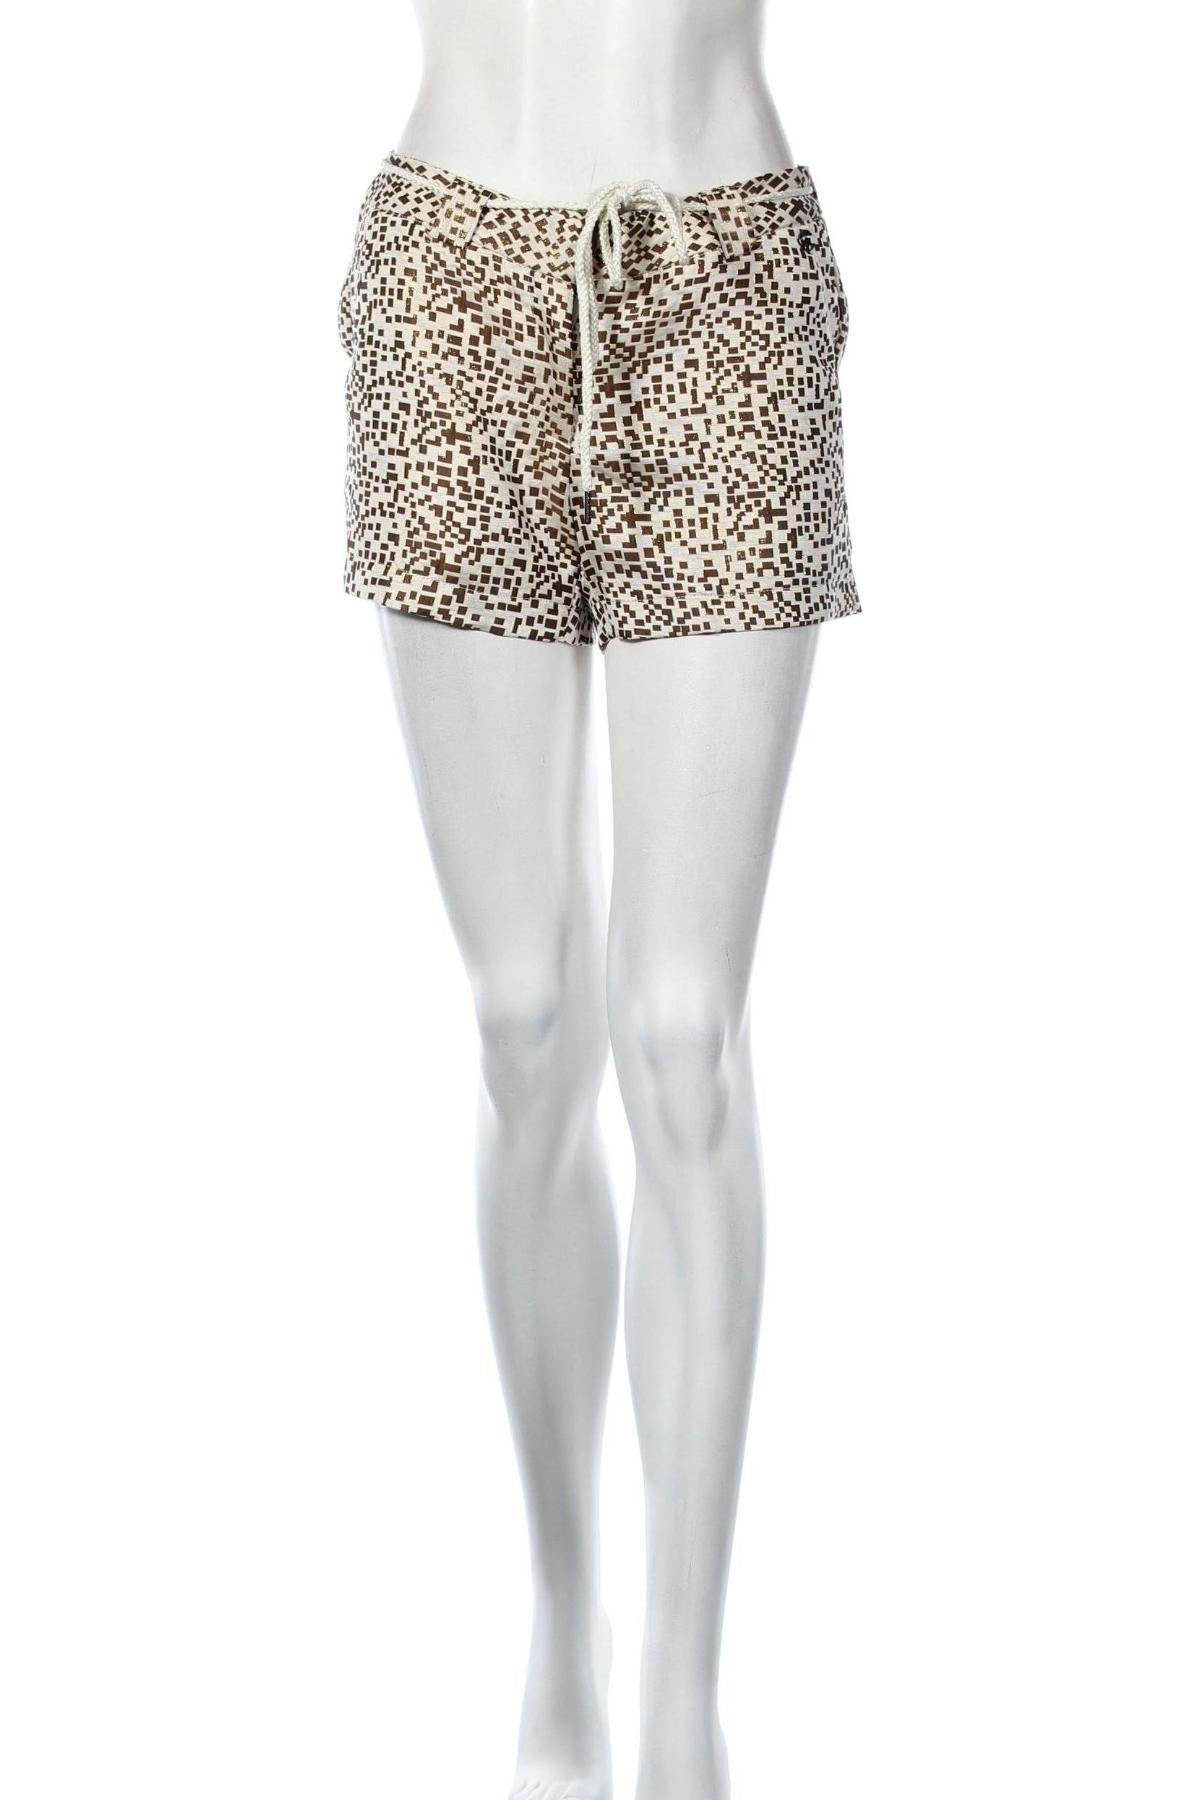 Дамски къс панталон Chattawak, Размер S, Цвят Бял, 90% полиестер, 10% метални нишки, Цена 36,75лв.